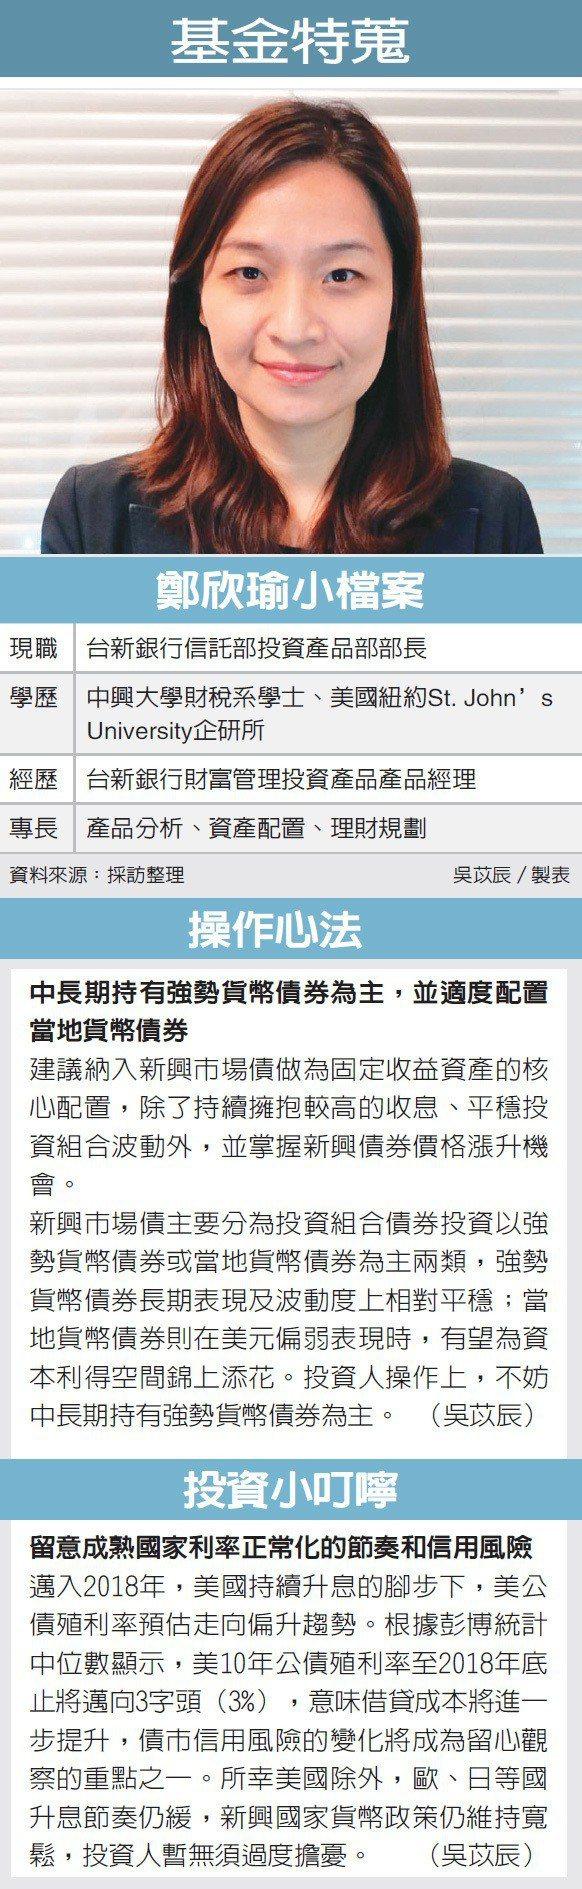 台新銀行信託部投資產品部部長鄭欣瑜小檔案。